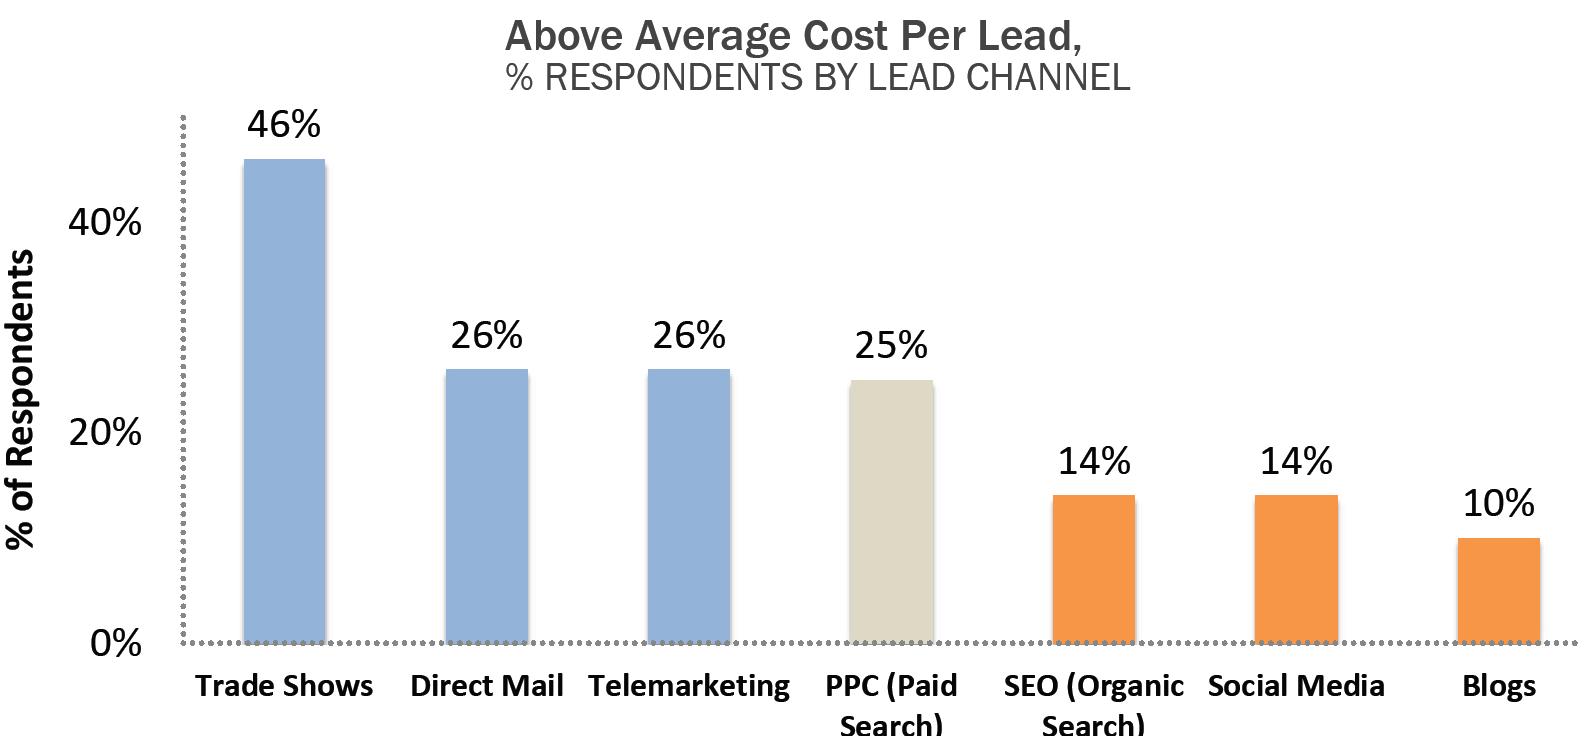 متوسط سرانه هزینه به ازای هر سرنخ فروش: نتایج یک مطالعه پیمایشی روی نمونه آماری 972 نفر از متخصصان بازاریابی